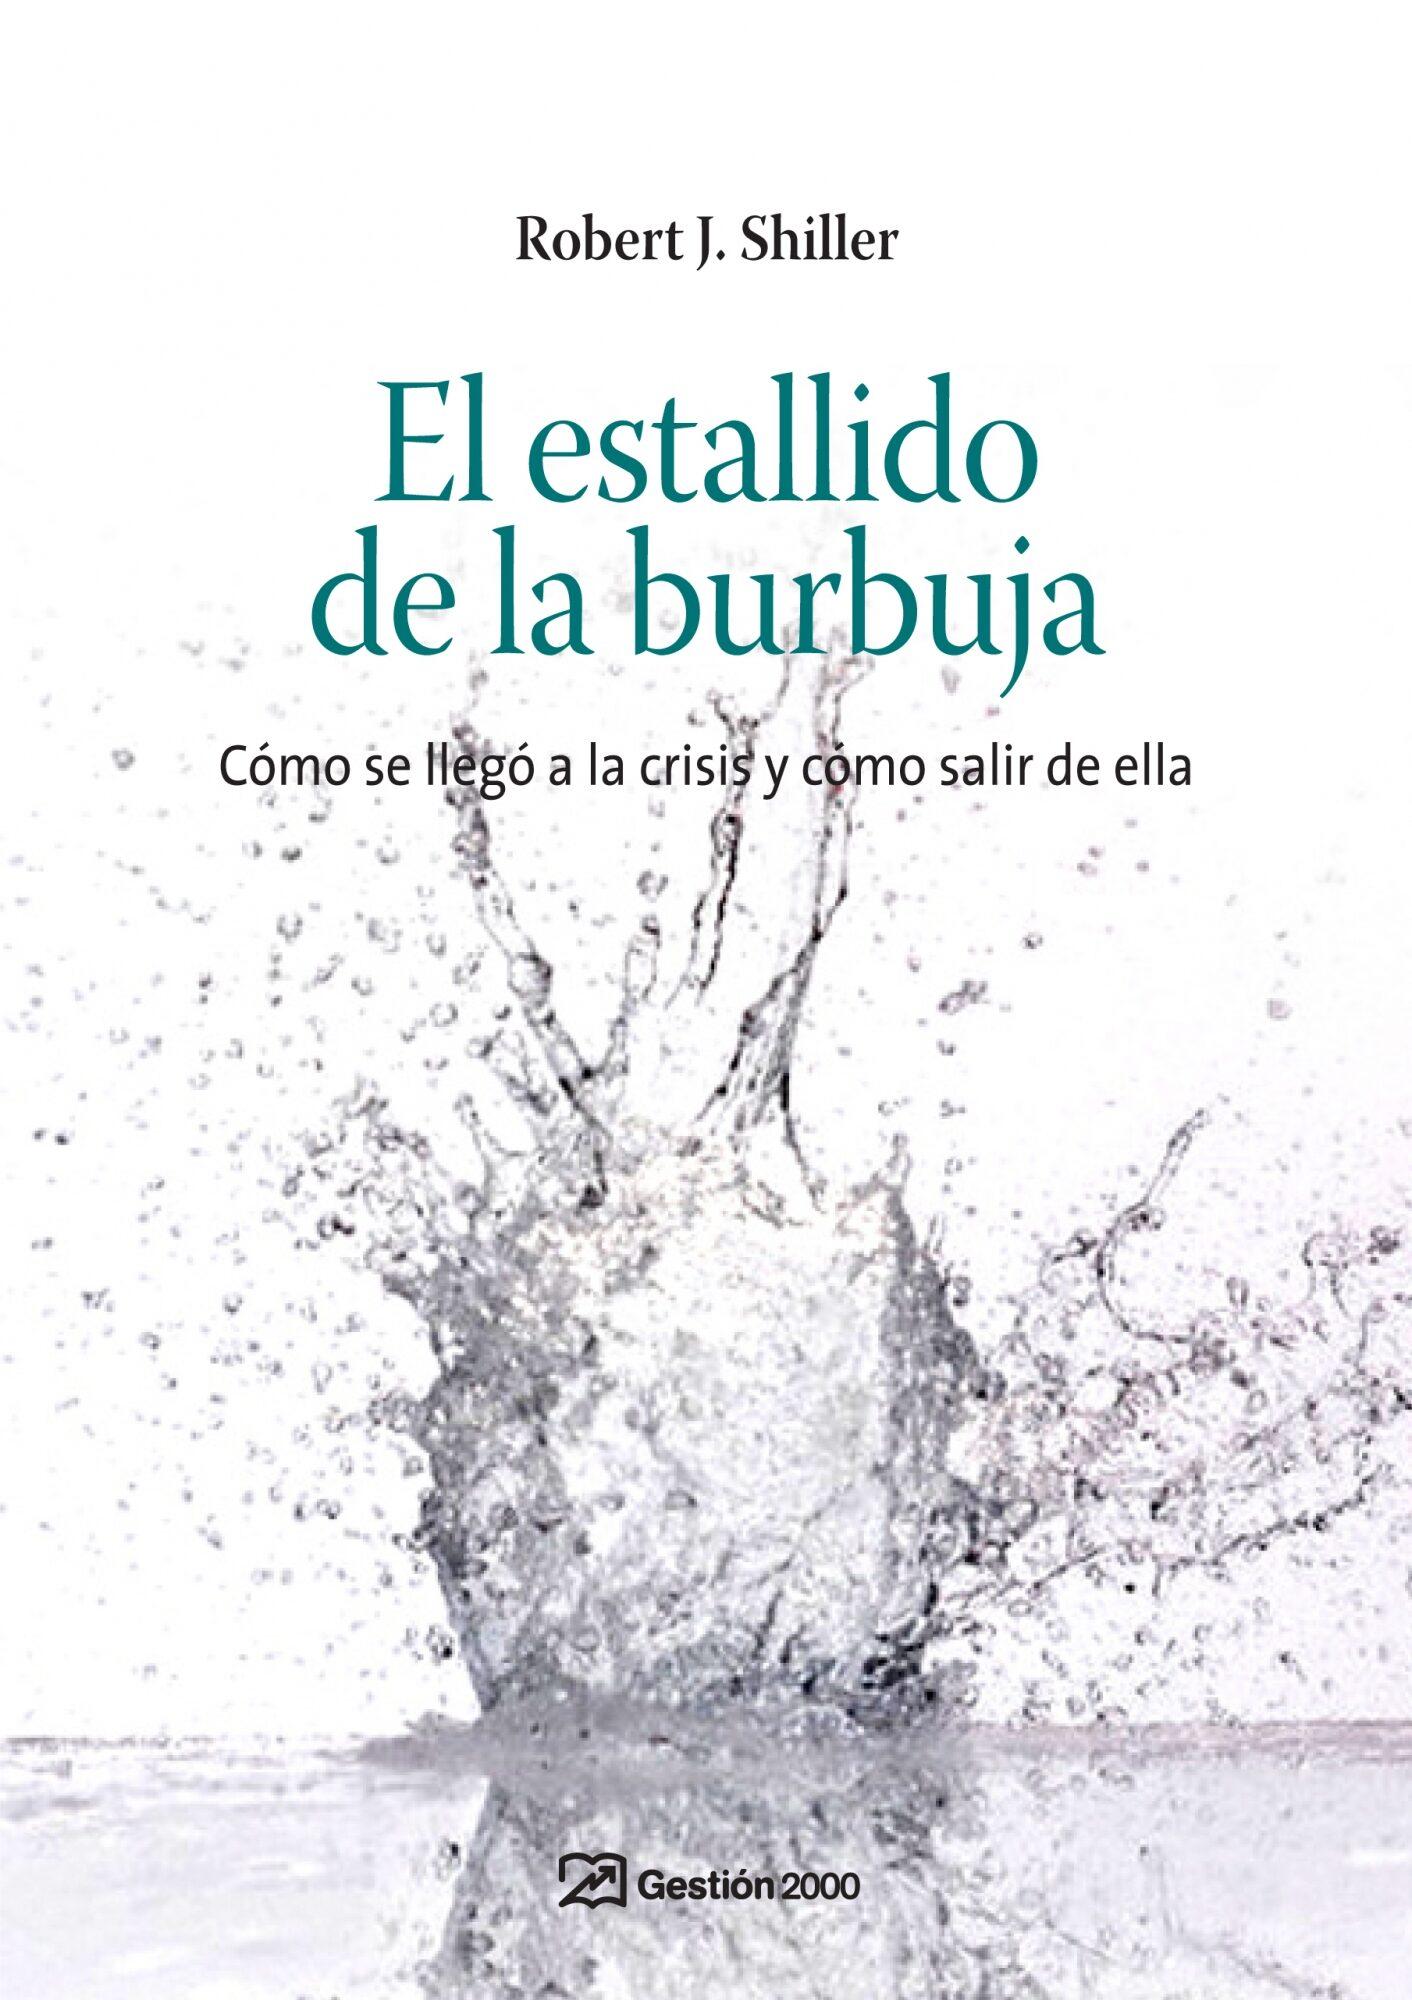 El Estallido De La Burbuja: Como Se Llego A La Crisis Y Como Sali R De Ella por Robert J. Shiller epub